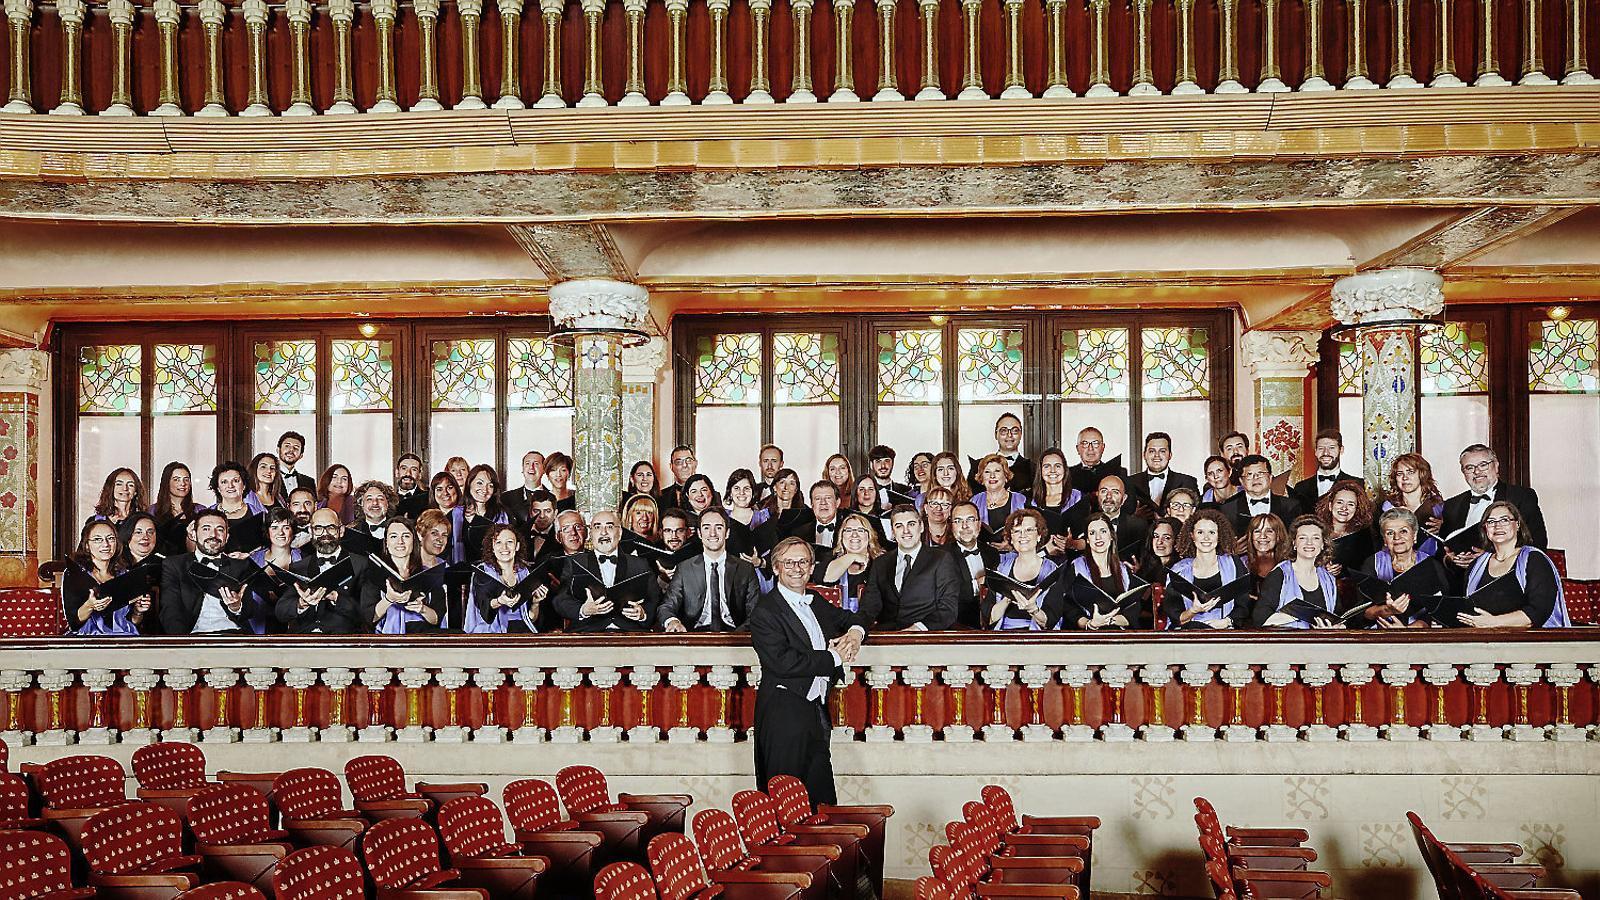 El director Simon Halsey i l'Orfeó Català al Palau de la Música.